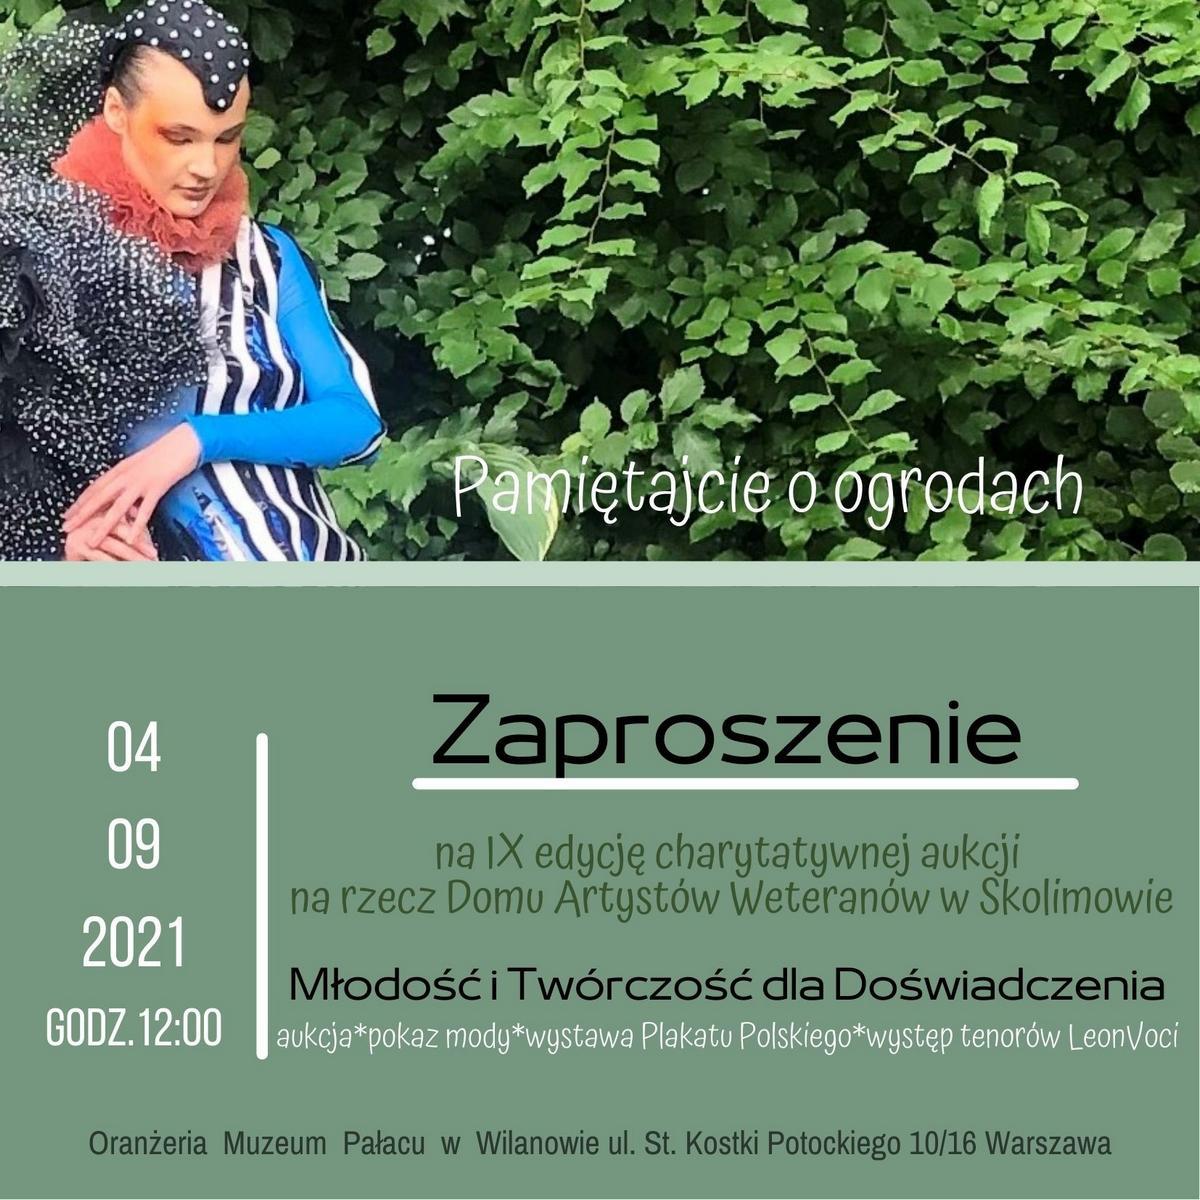 Pamiętajcie o ogrodach - IX edycja akcji charytatywnej dla artystów ze Skolimowa